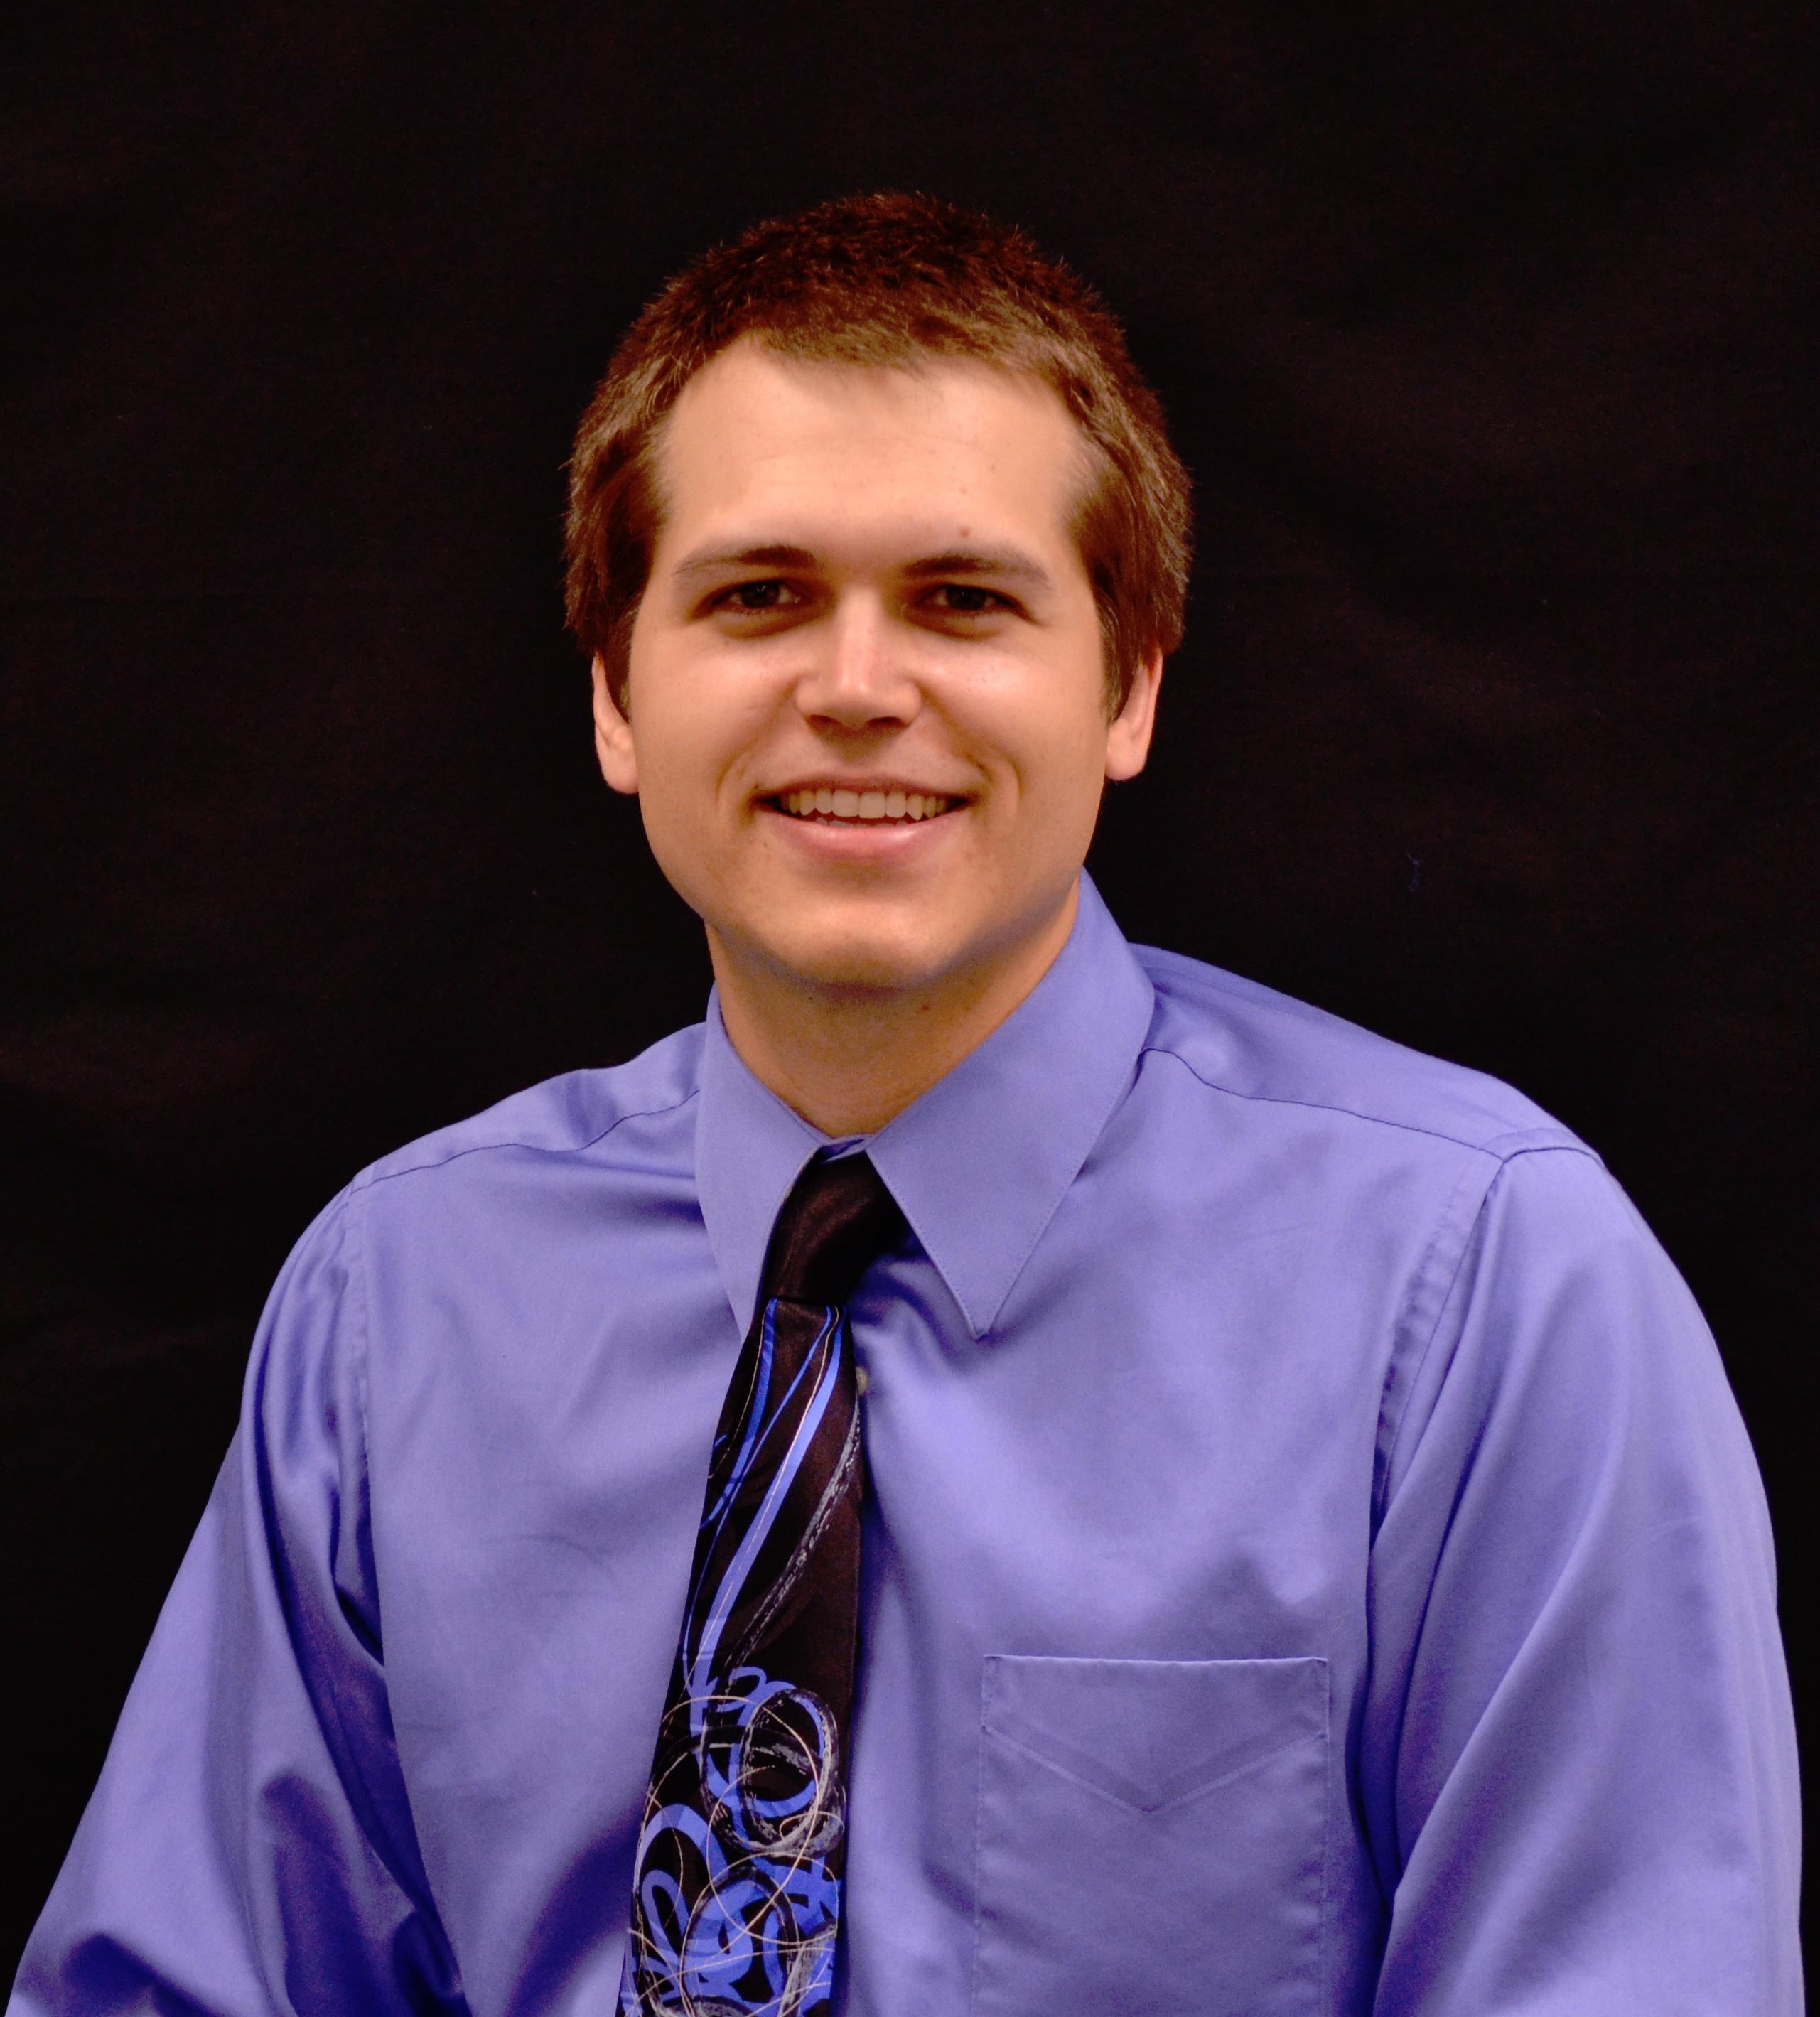 Joshua Parsons